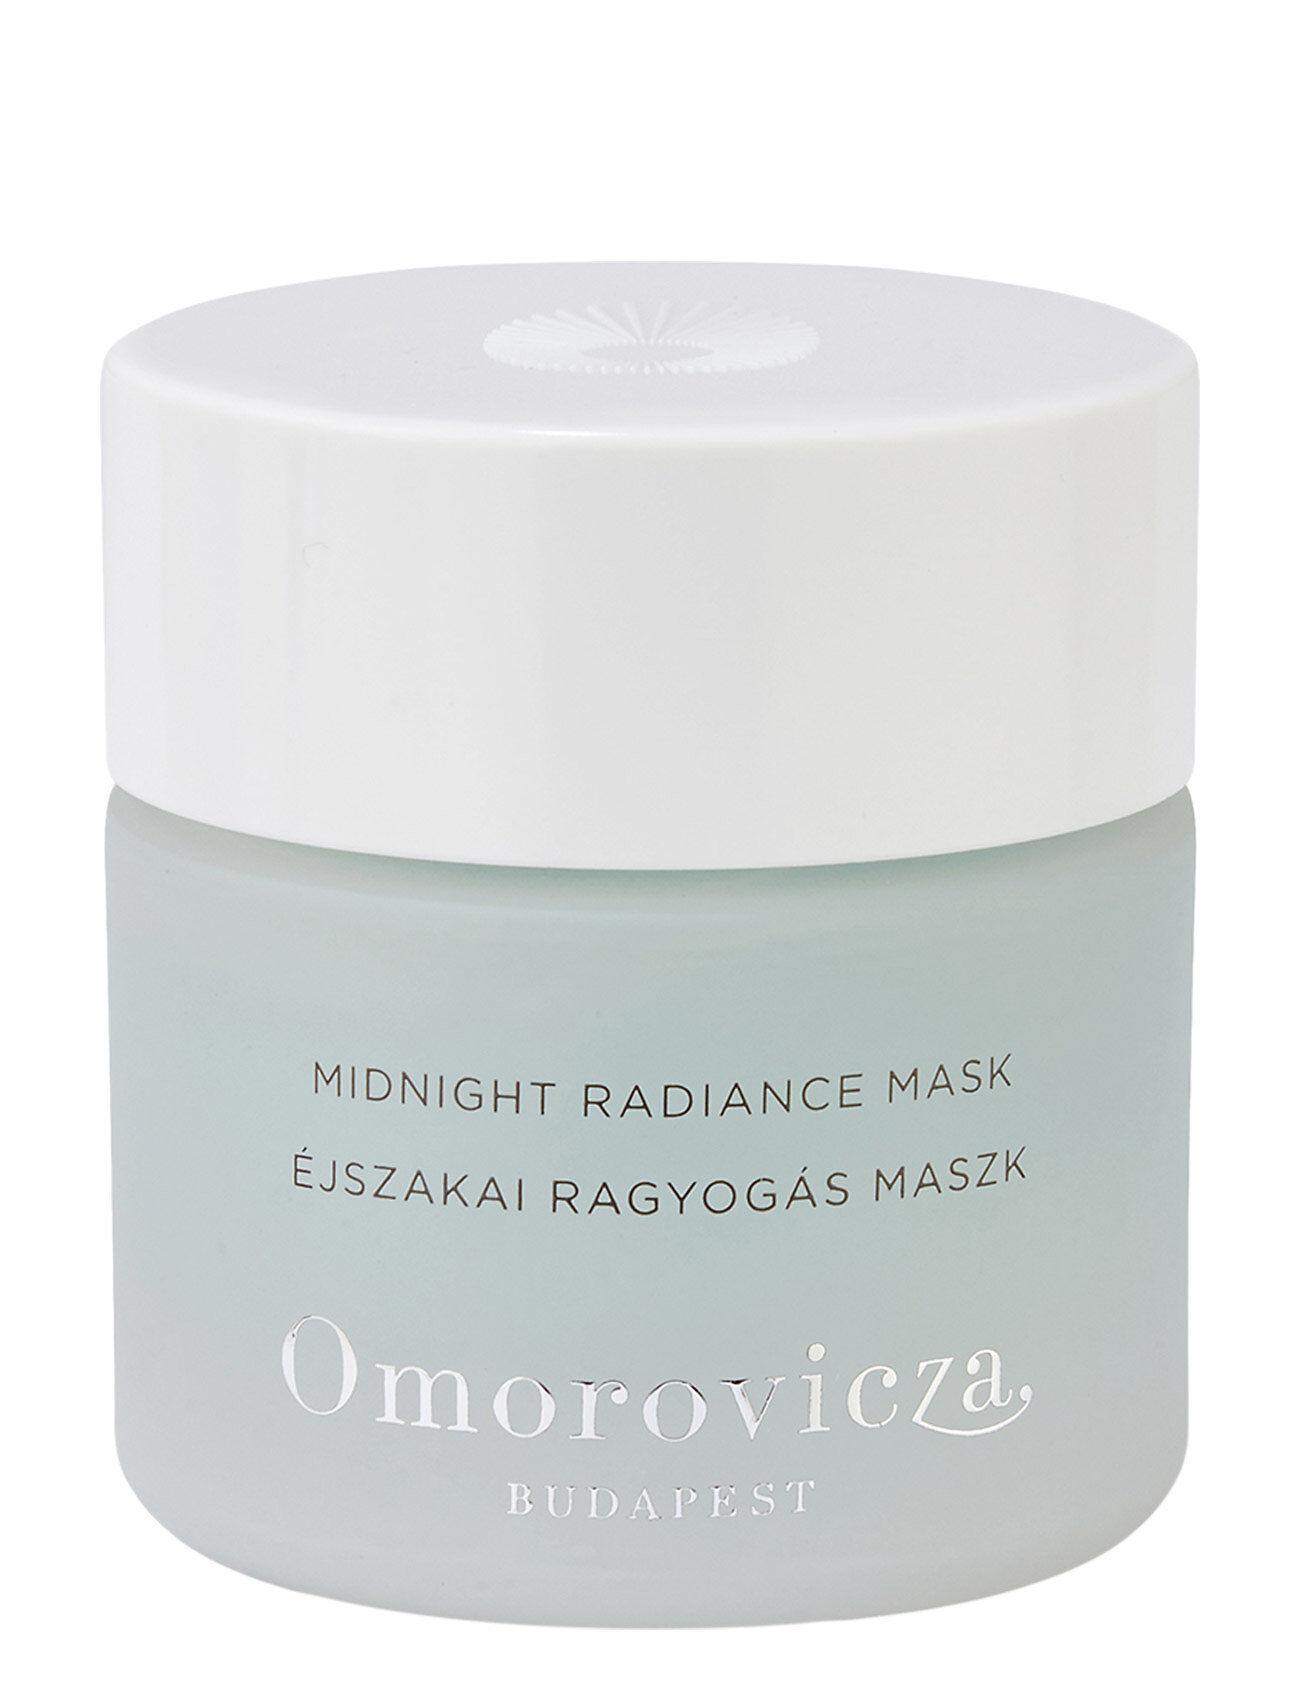 Omorovicza Omo Hydro M. Midnight Radiance Mask